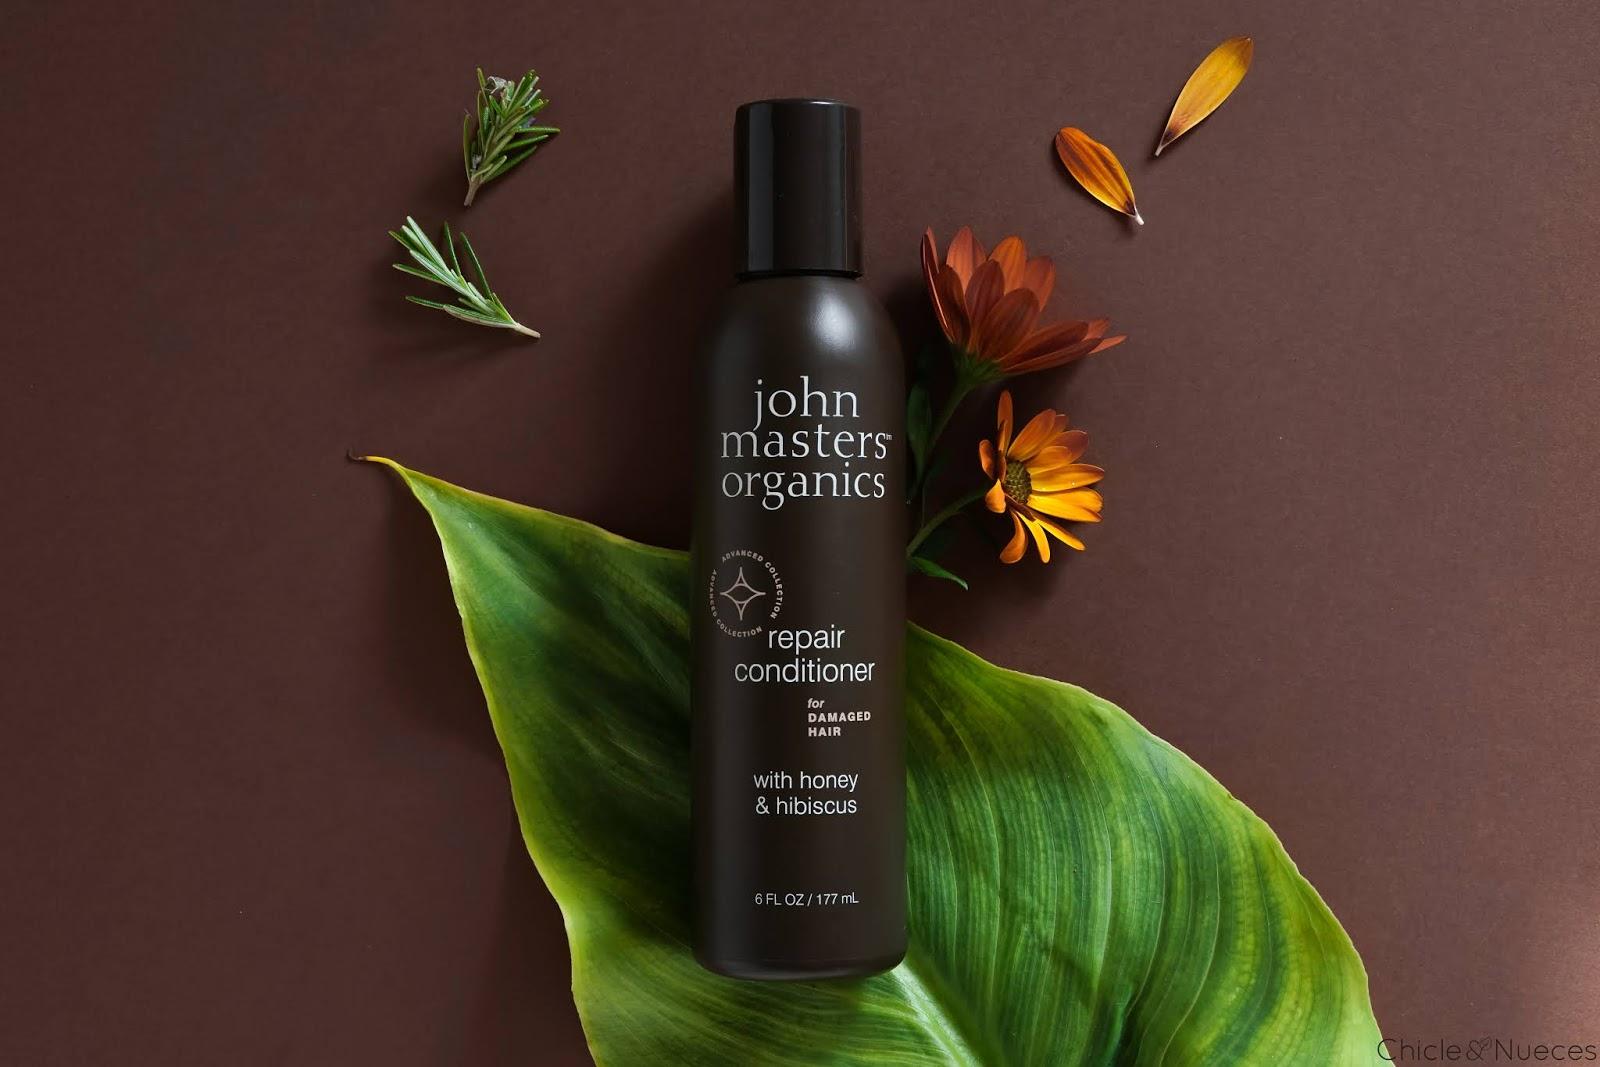 John Masters Organics Acondicionador Miel e Hibisco